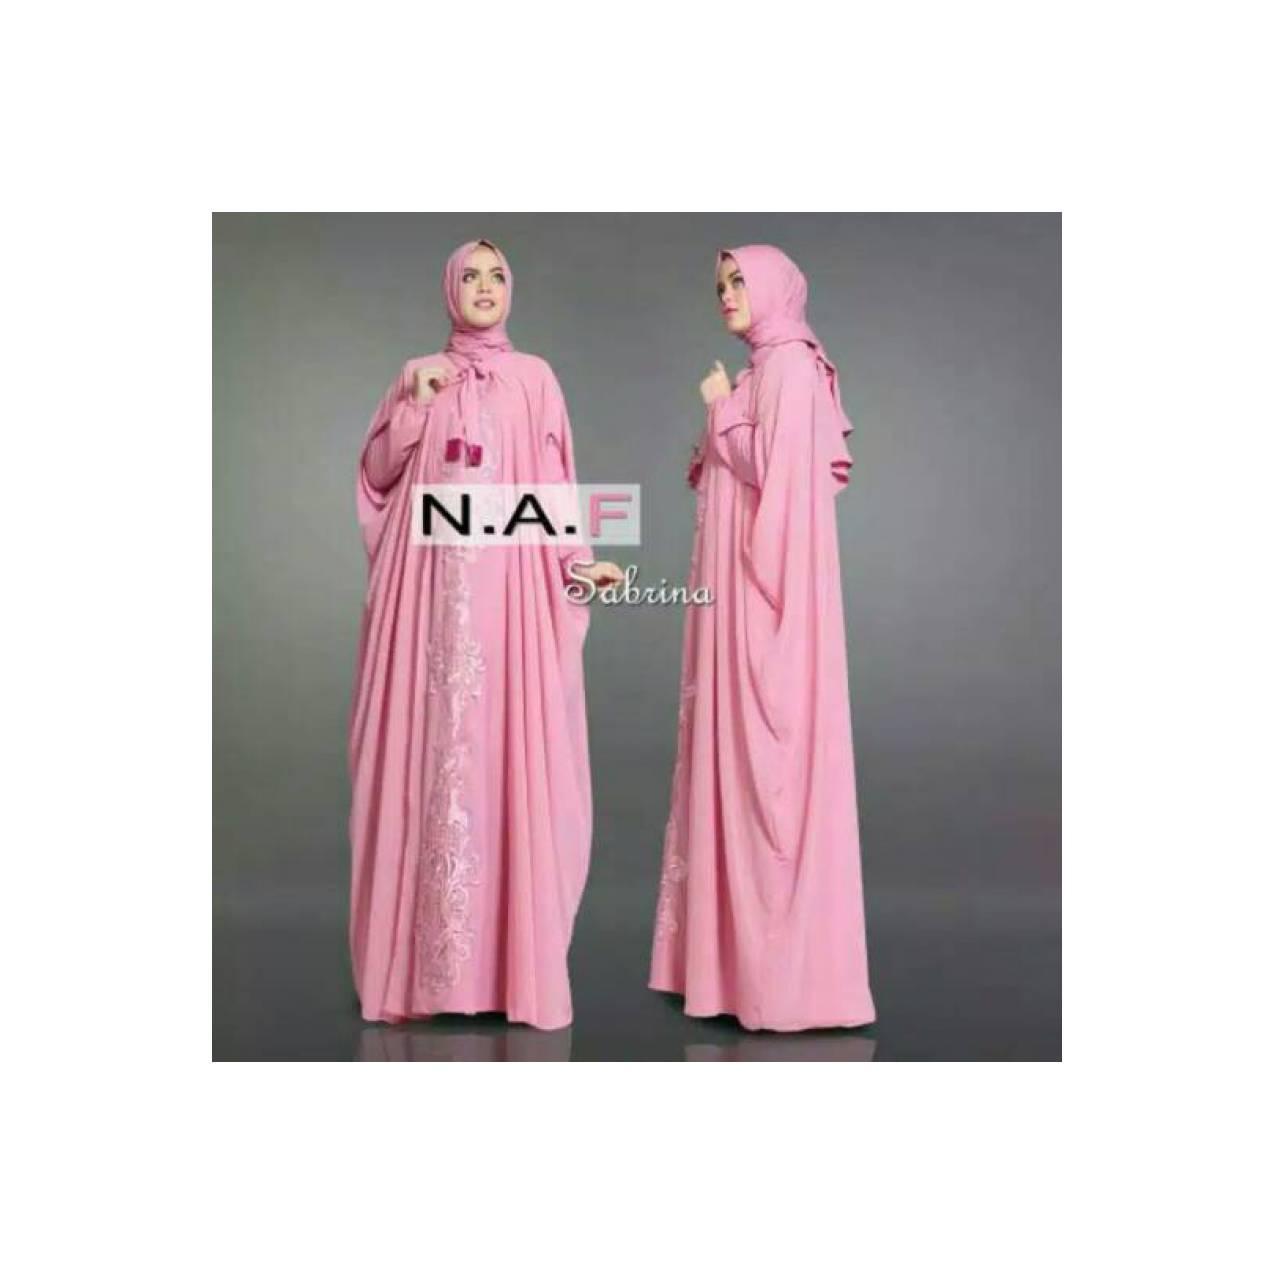 Jual Sabrina Original Brand Murah Garansi Dan Berkualitas Id Store Tied Sleeve Blouse Atasan Wanita Bl885 Rp 632000